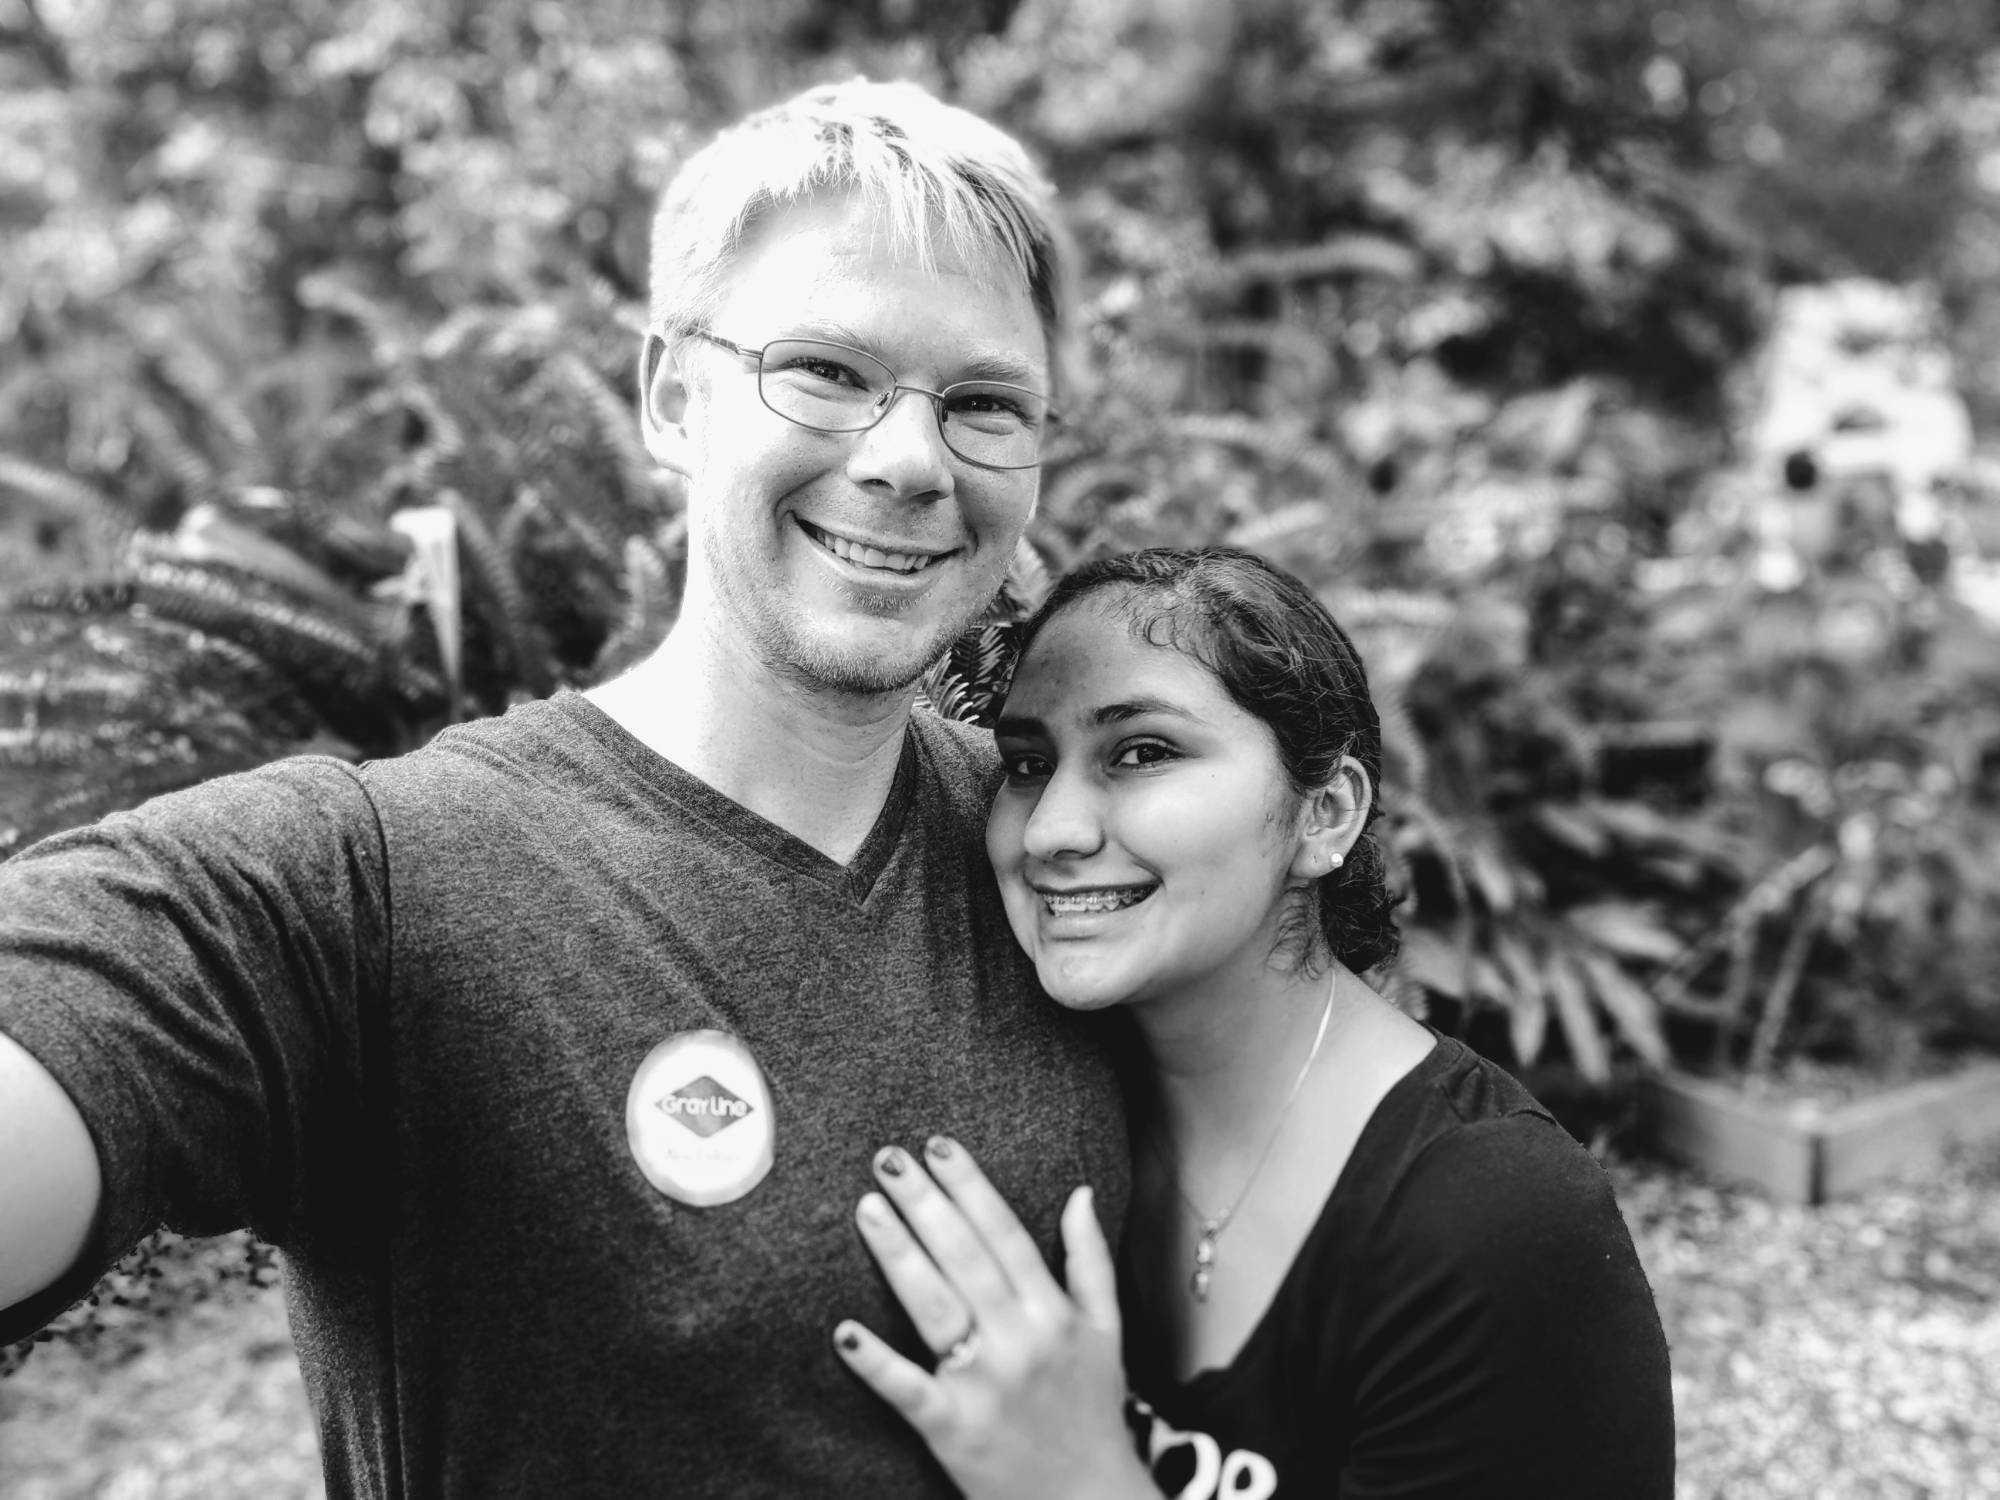 zeth with wife liliana